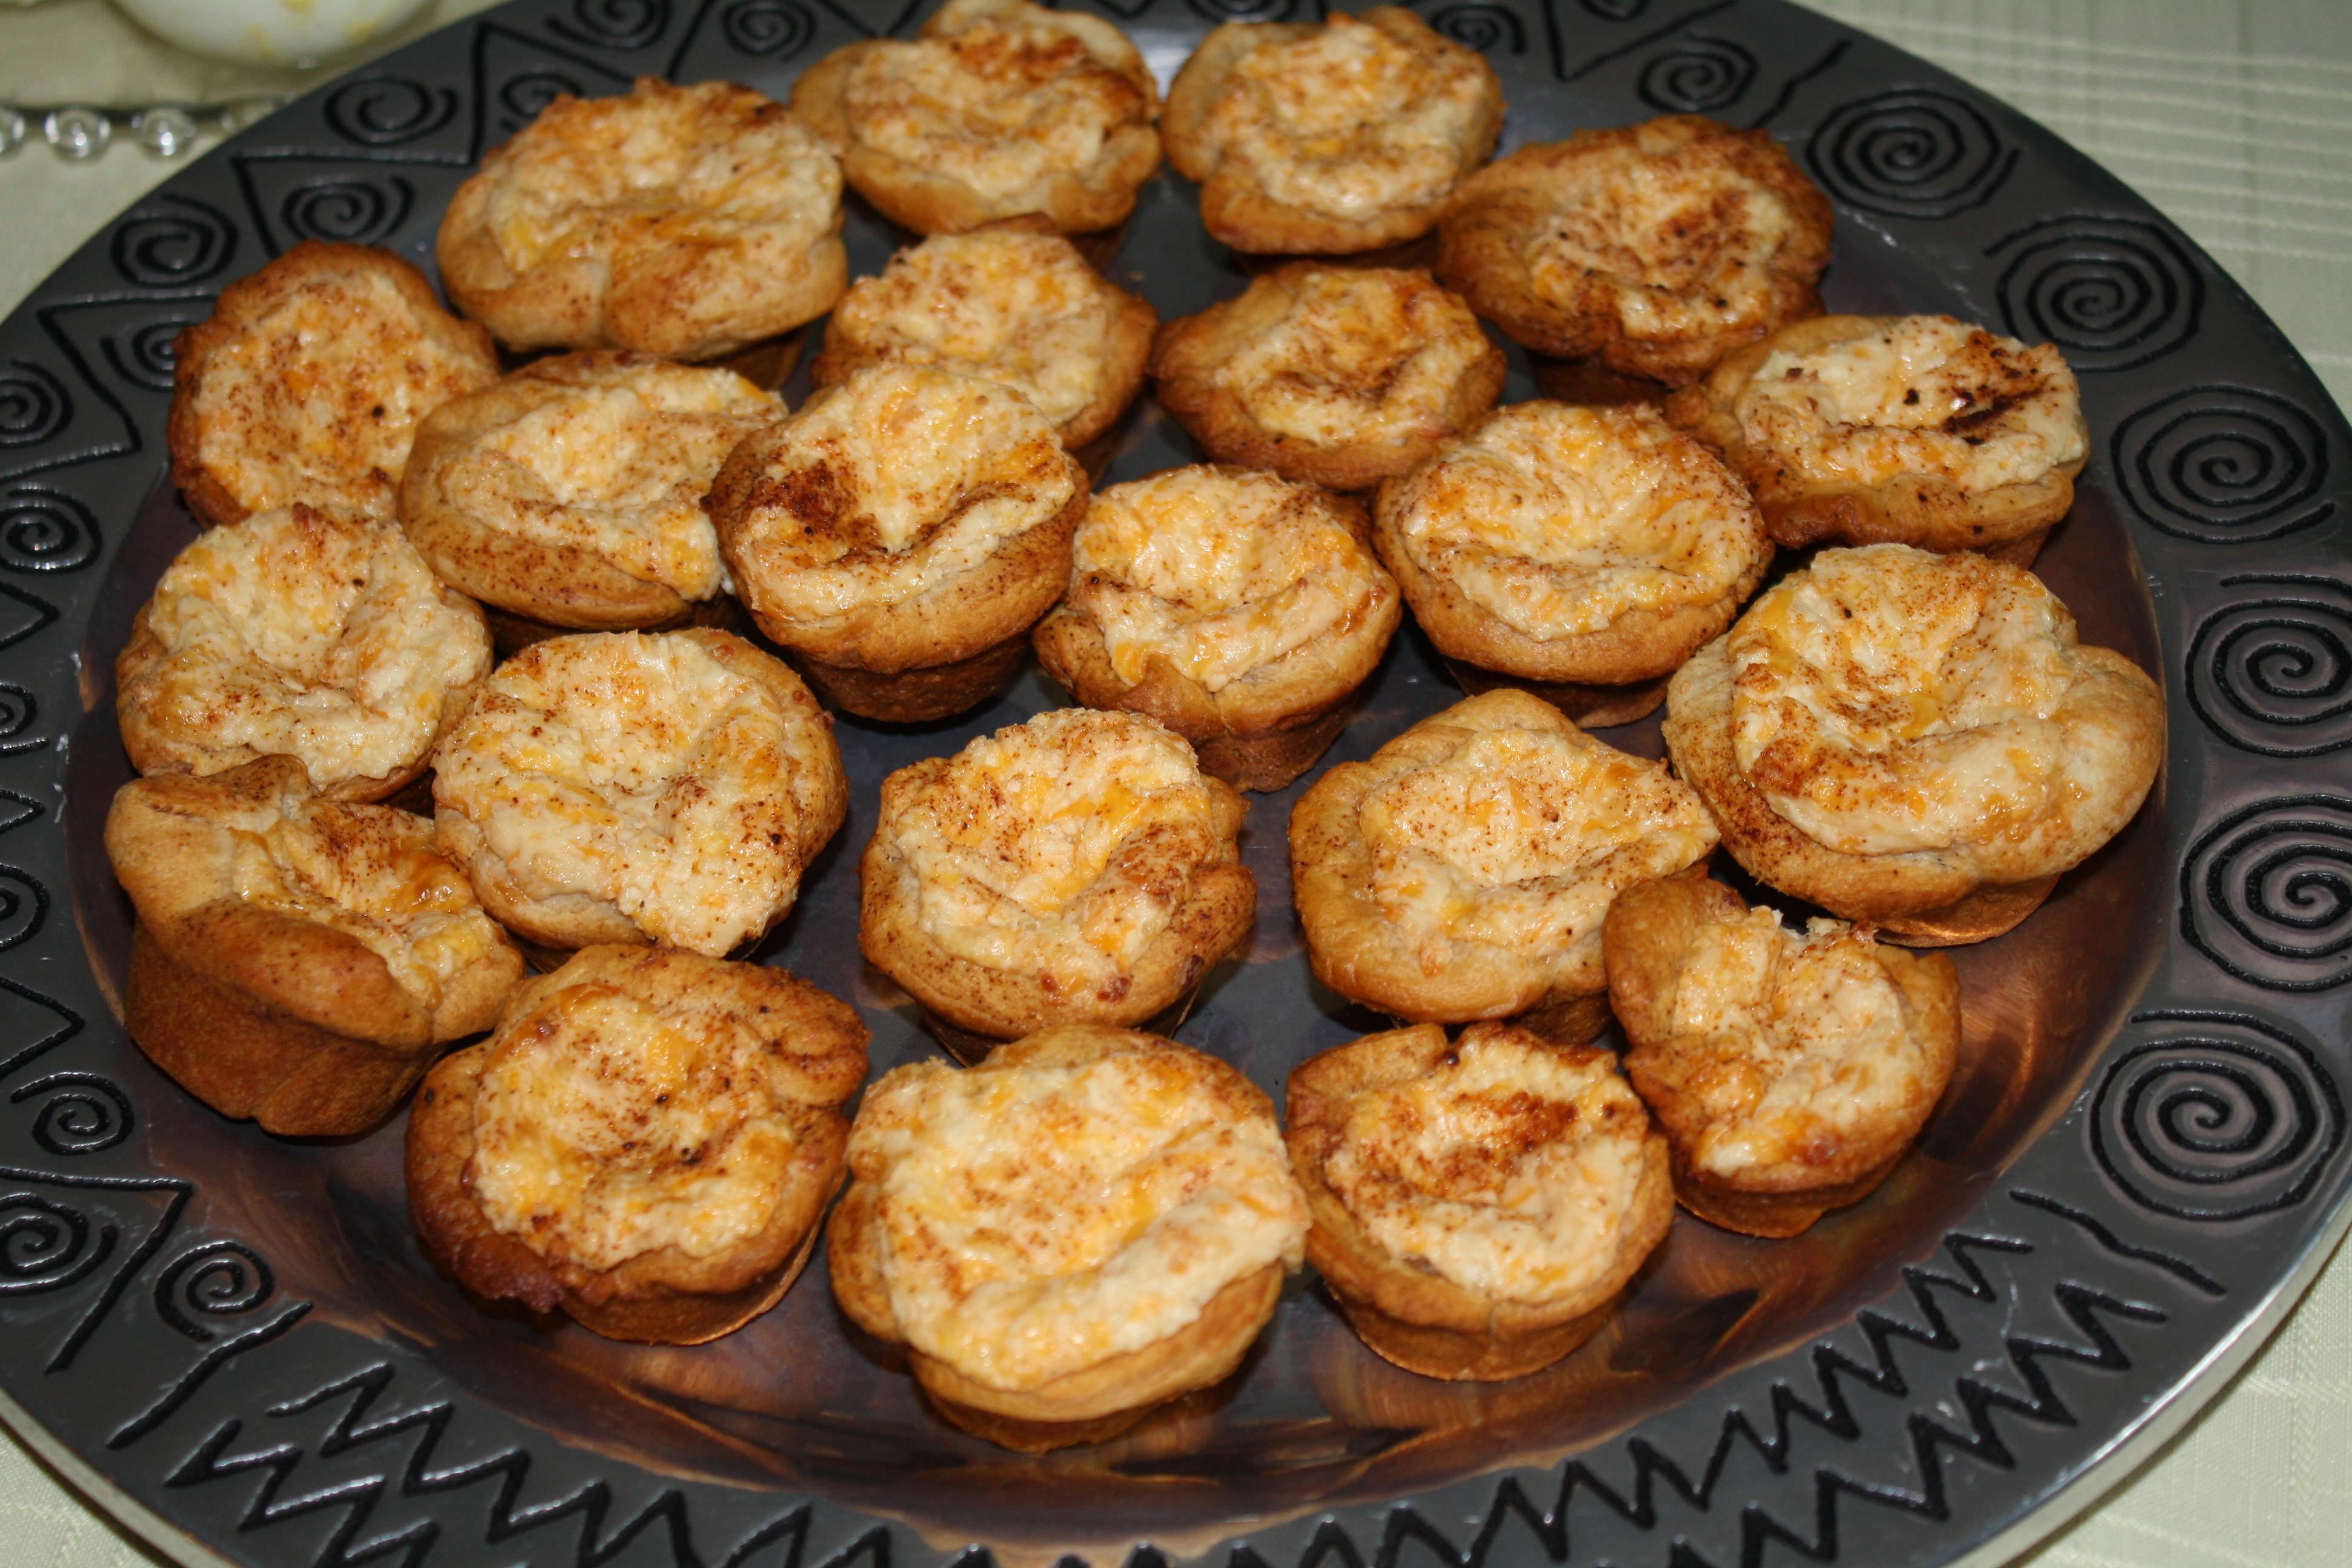 Shrimp canapes bigoven 193136 for Shrimp canape ideas